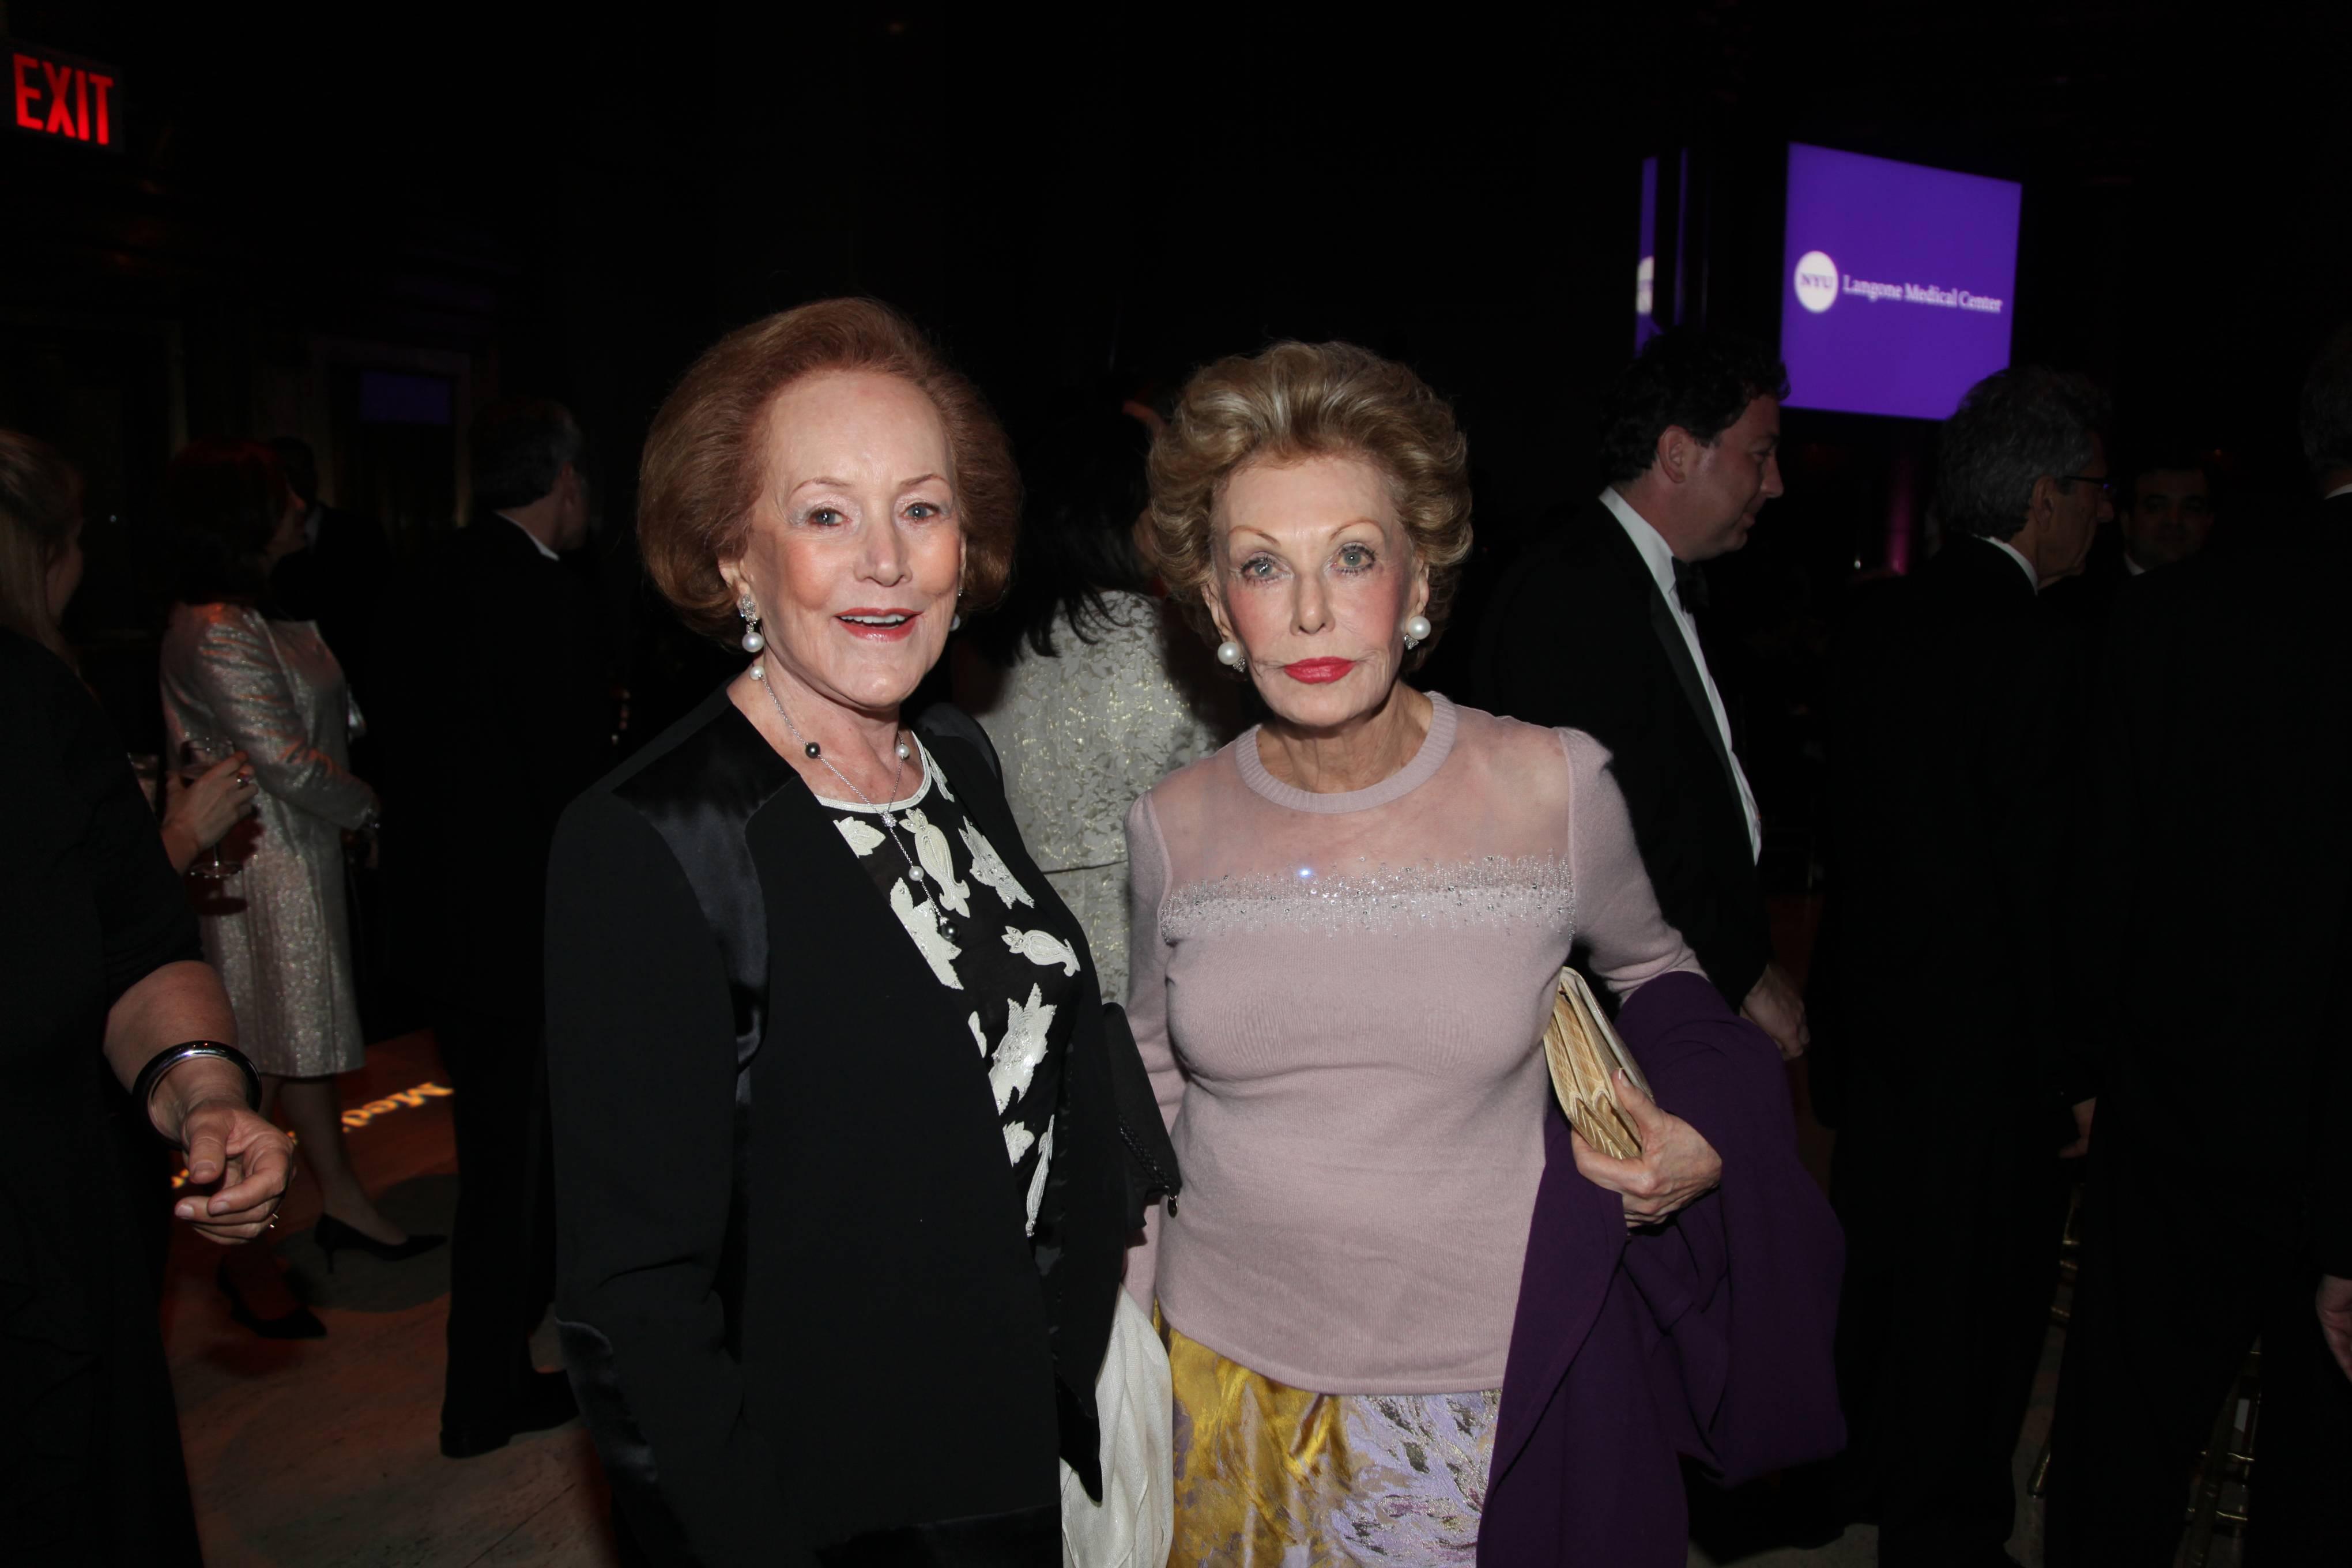 Lola Finkelstein and Sylvia Hassenfeld